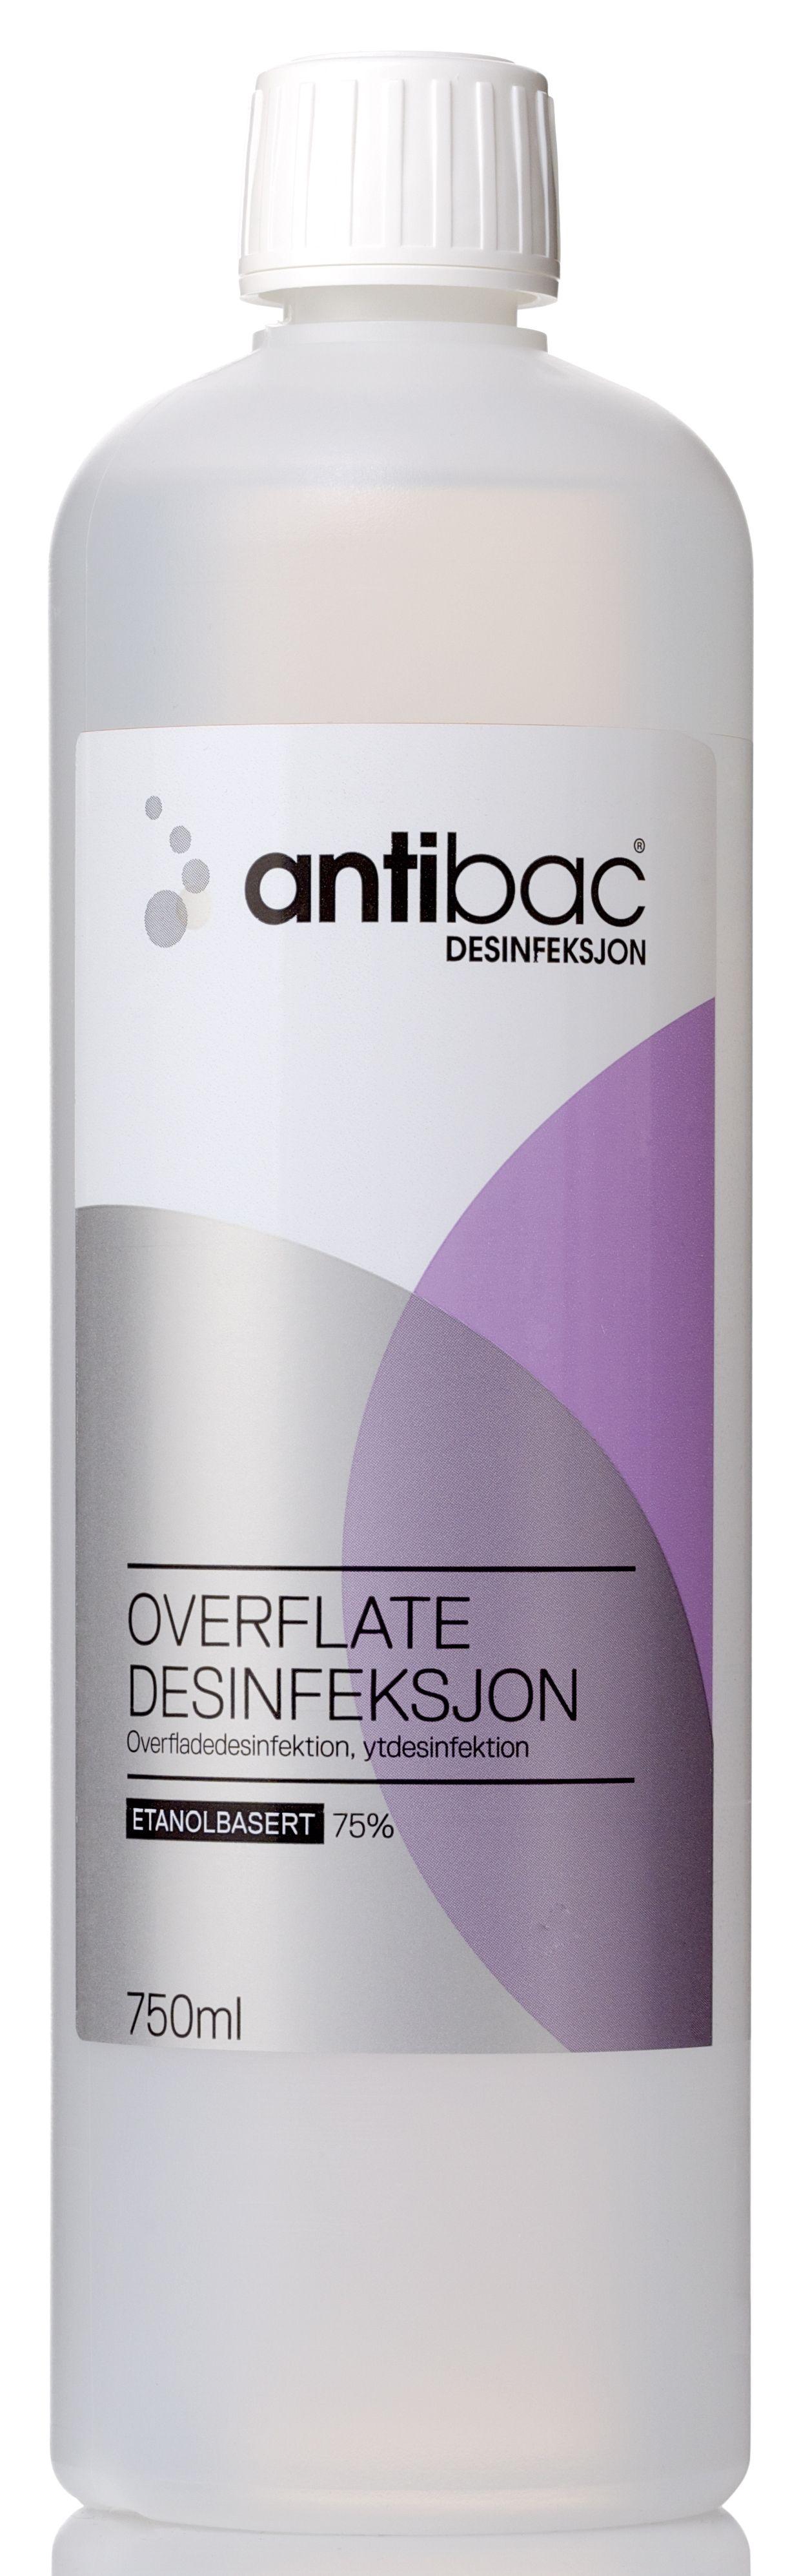 antibac Overflatedesinfeksjon 750ml, stk Y484950